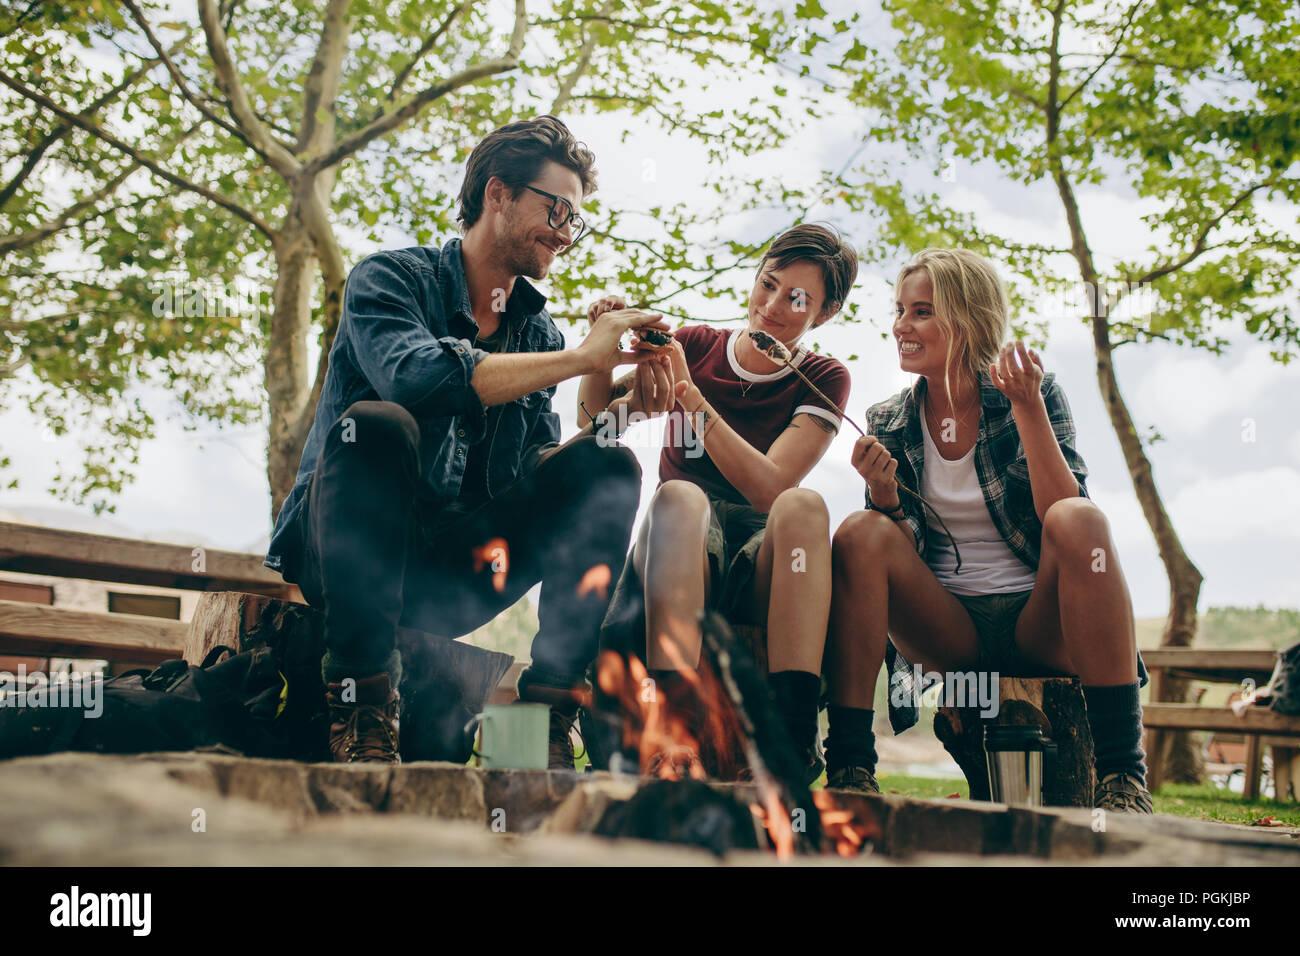 Sorridendo gli amici in vacanza il cibo di tostatura su falò. Amici facendo un sandwich con crostini di marshmallows seduti all'aperto in campagna. Immagini Stock